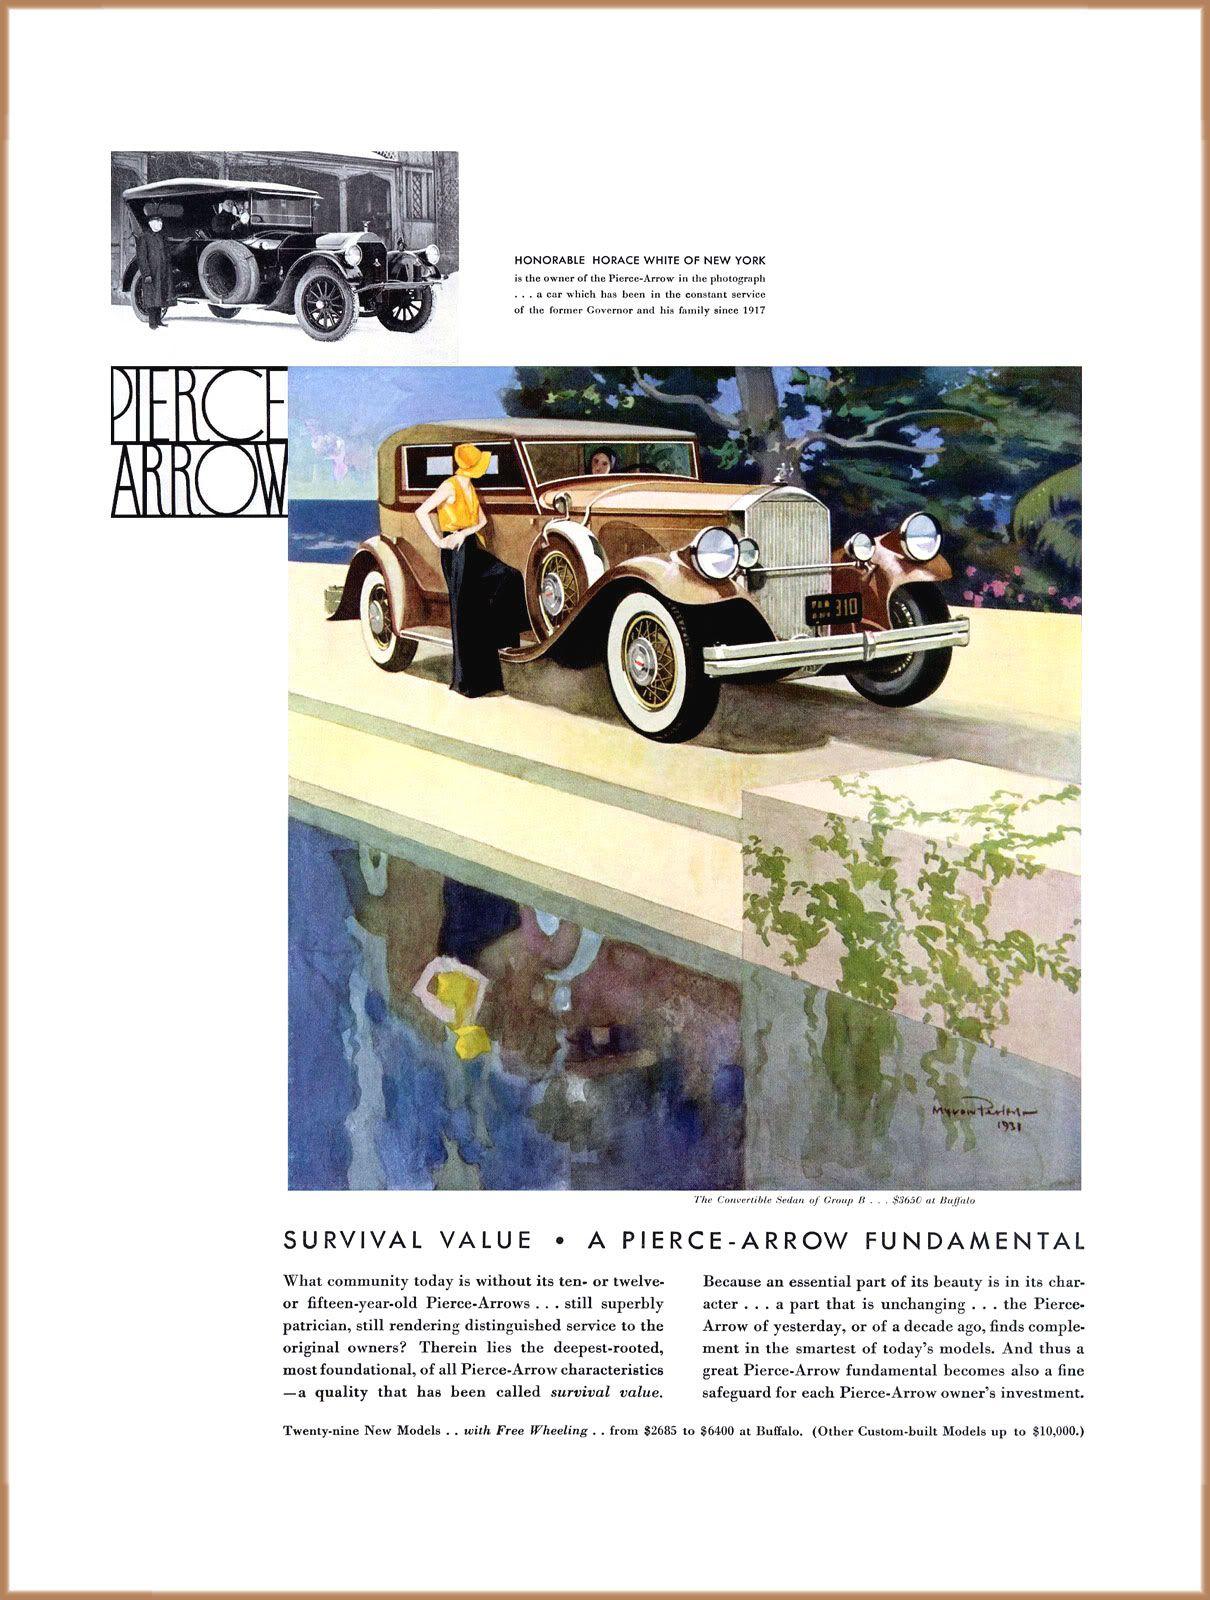 Pin by Vogel Marketing Solutions LLC on Pierce Arrow Car Ads ...